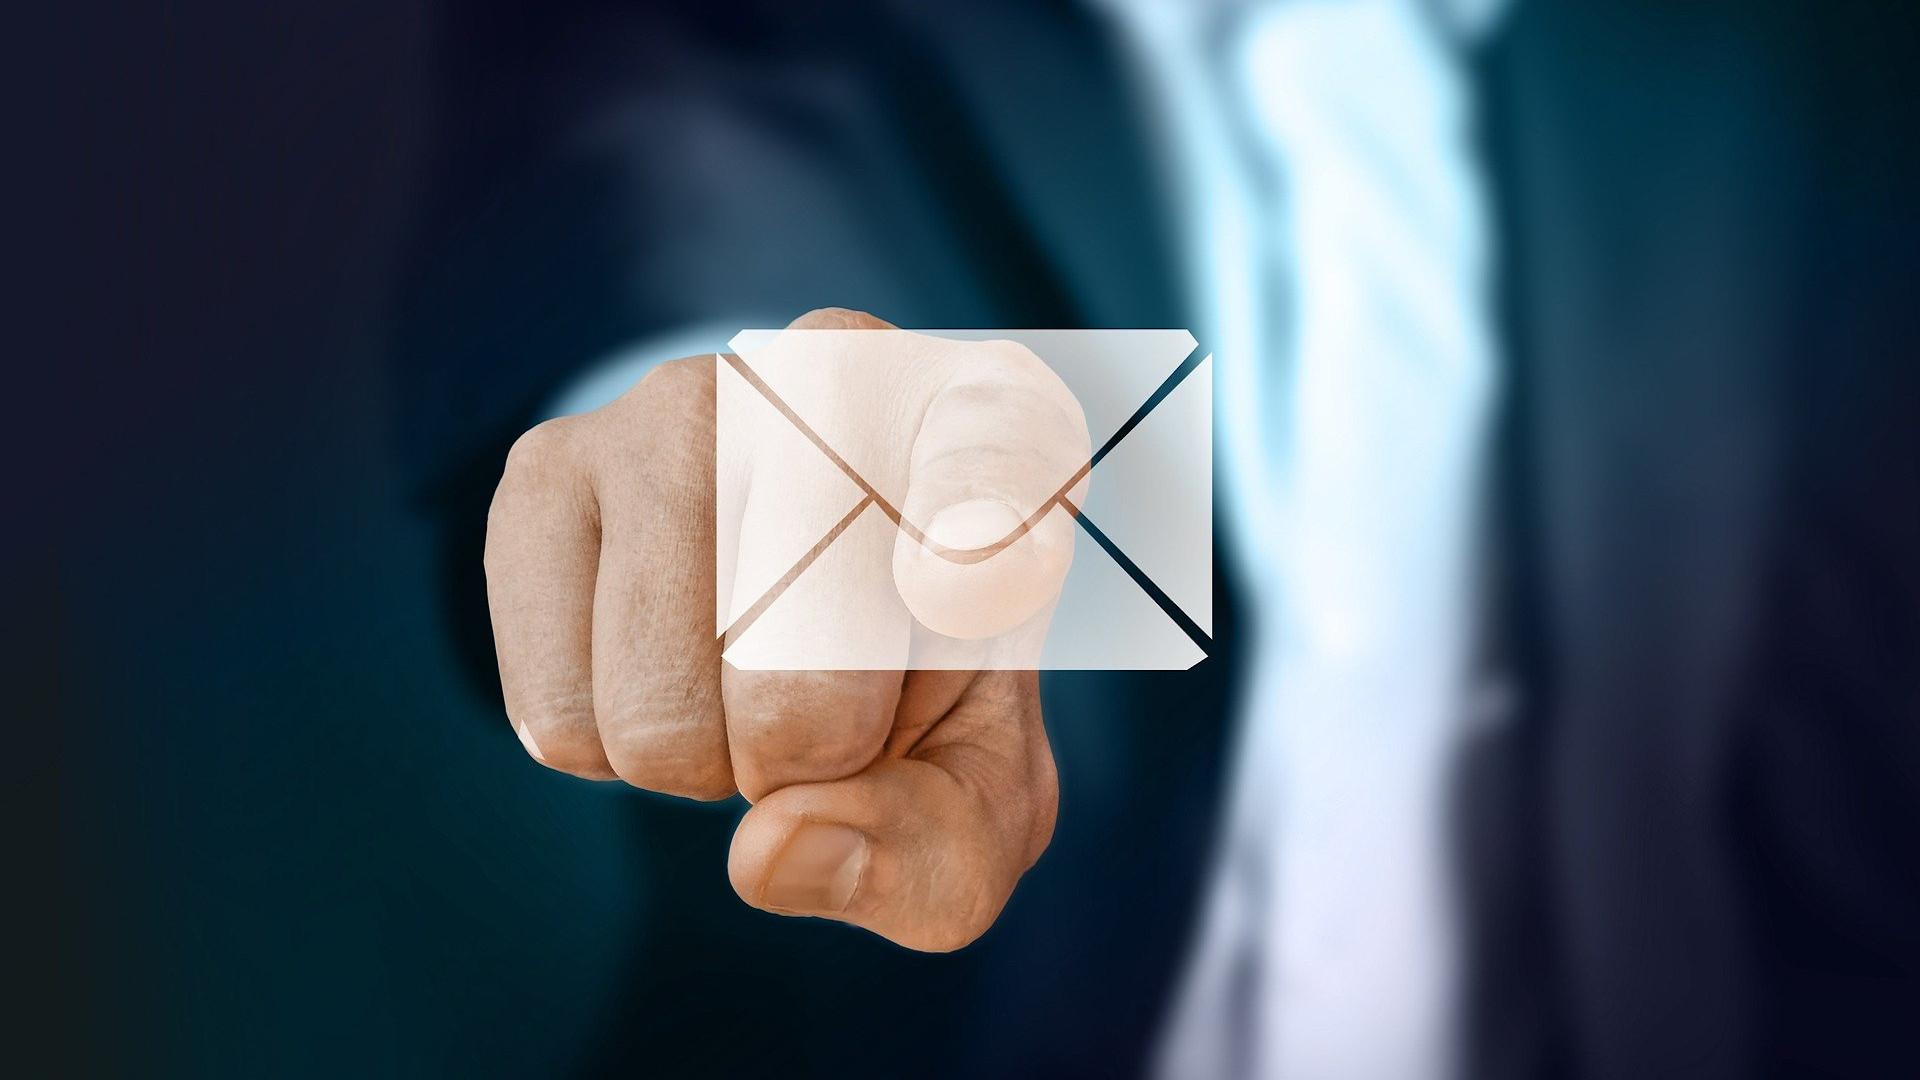 espana-lidera-lista-de-paises-mas-correos-electronicos-peligrosos-reciben-1920